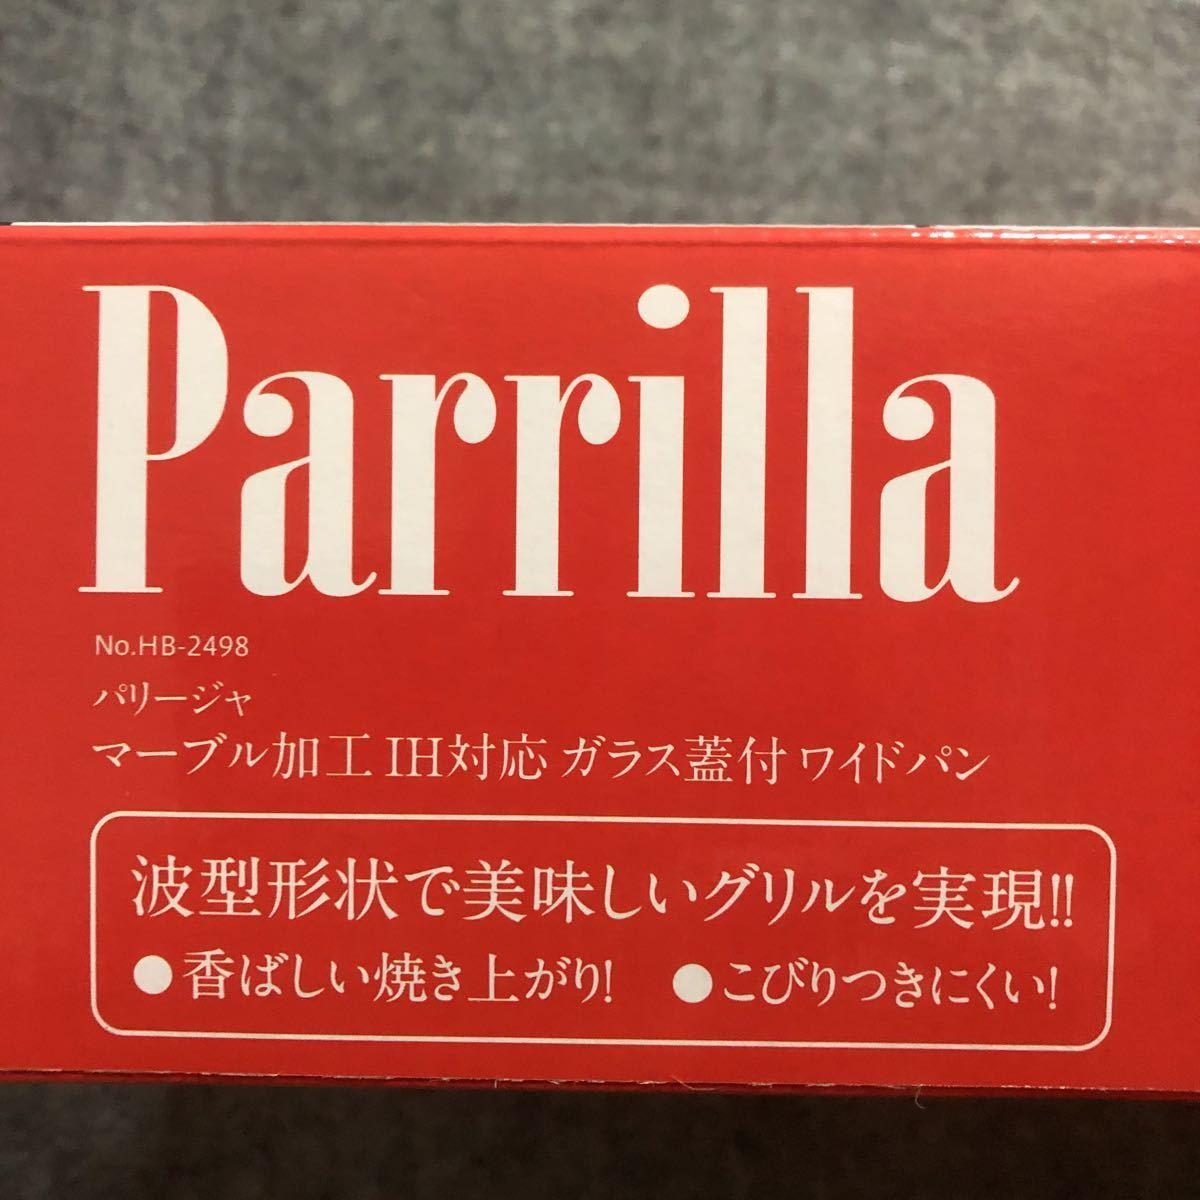 パリージャ マーブル加工 IH対応 ガラス蓋付 ワイドパン 新品